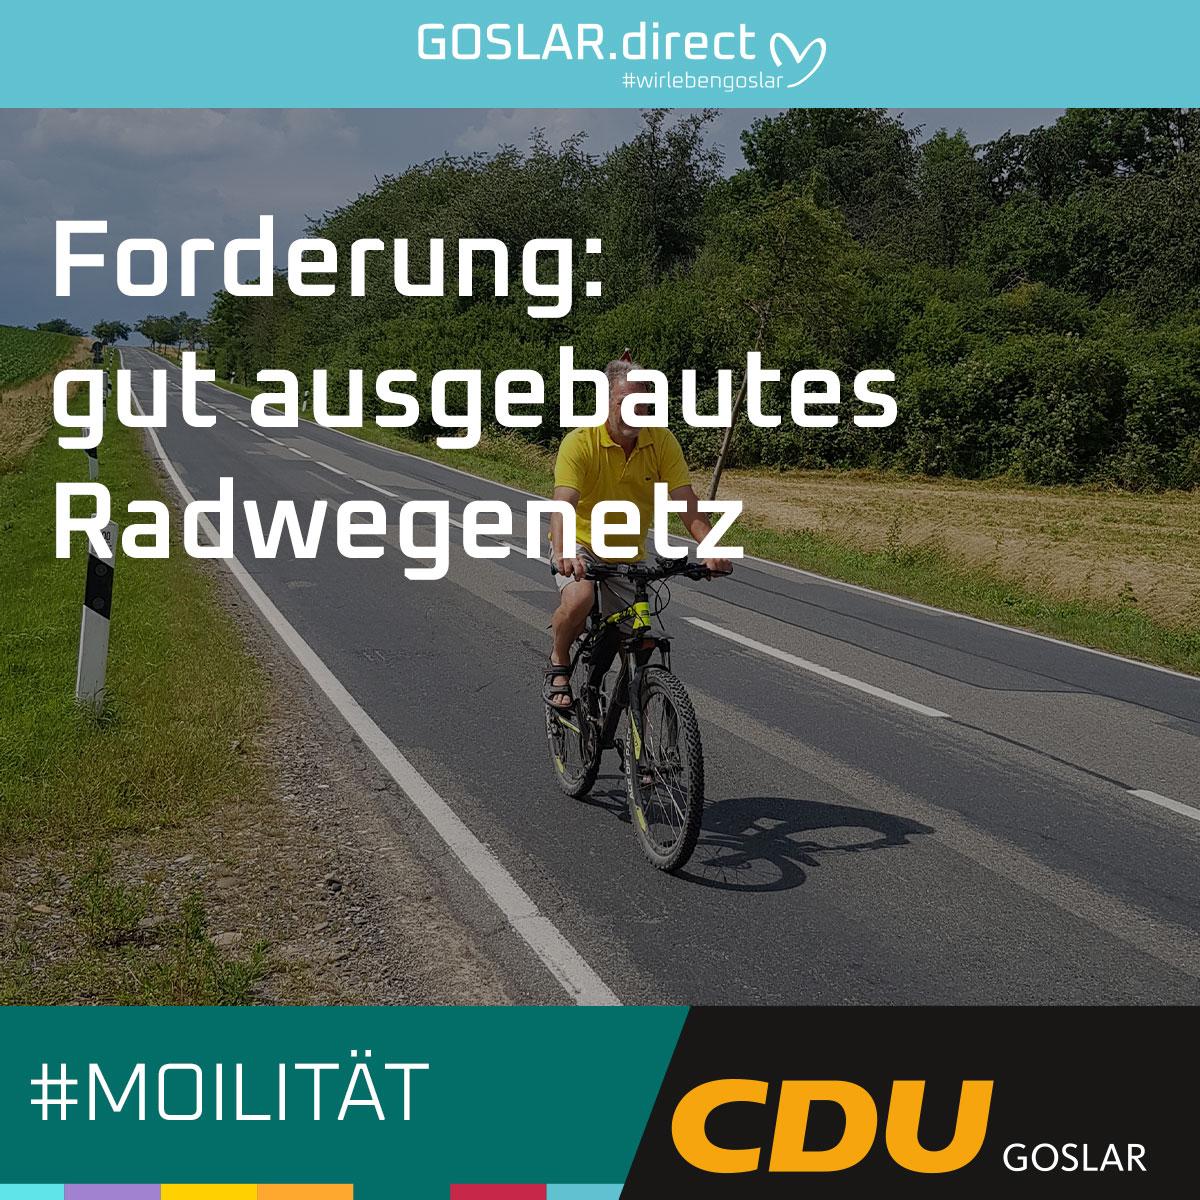 Forderung: gut ausgebautes Radwegenetz